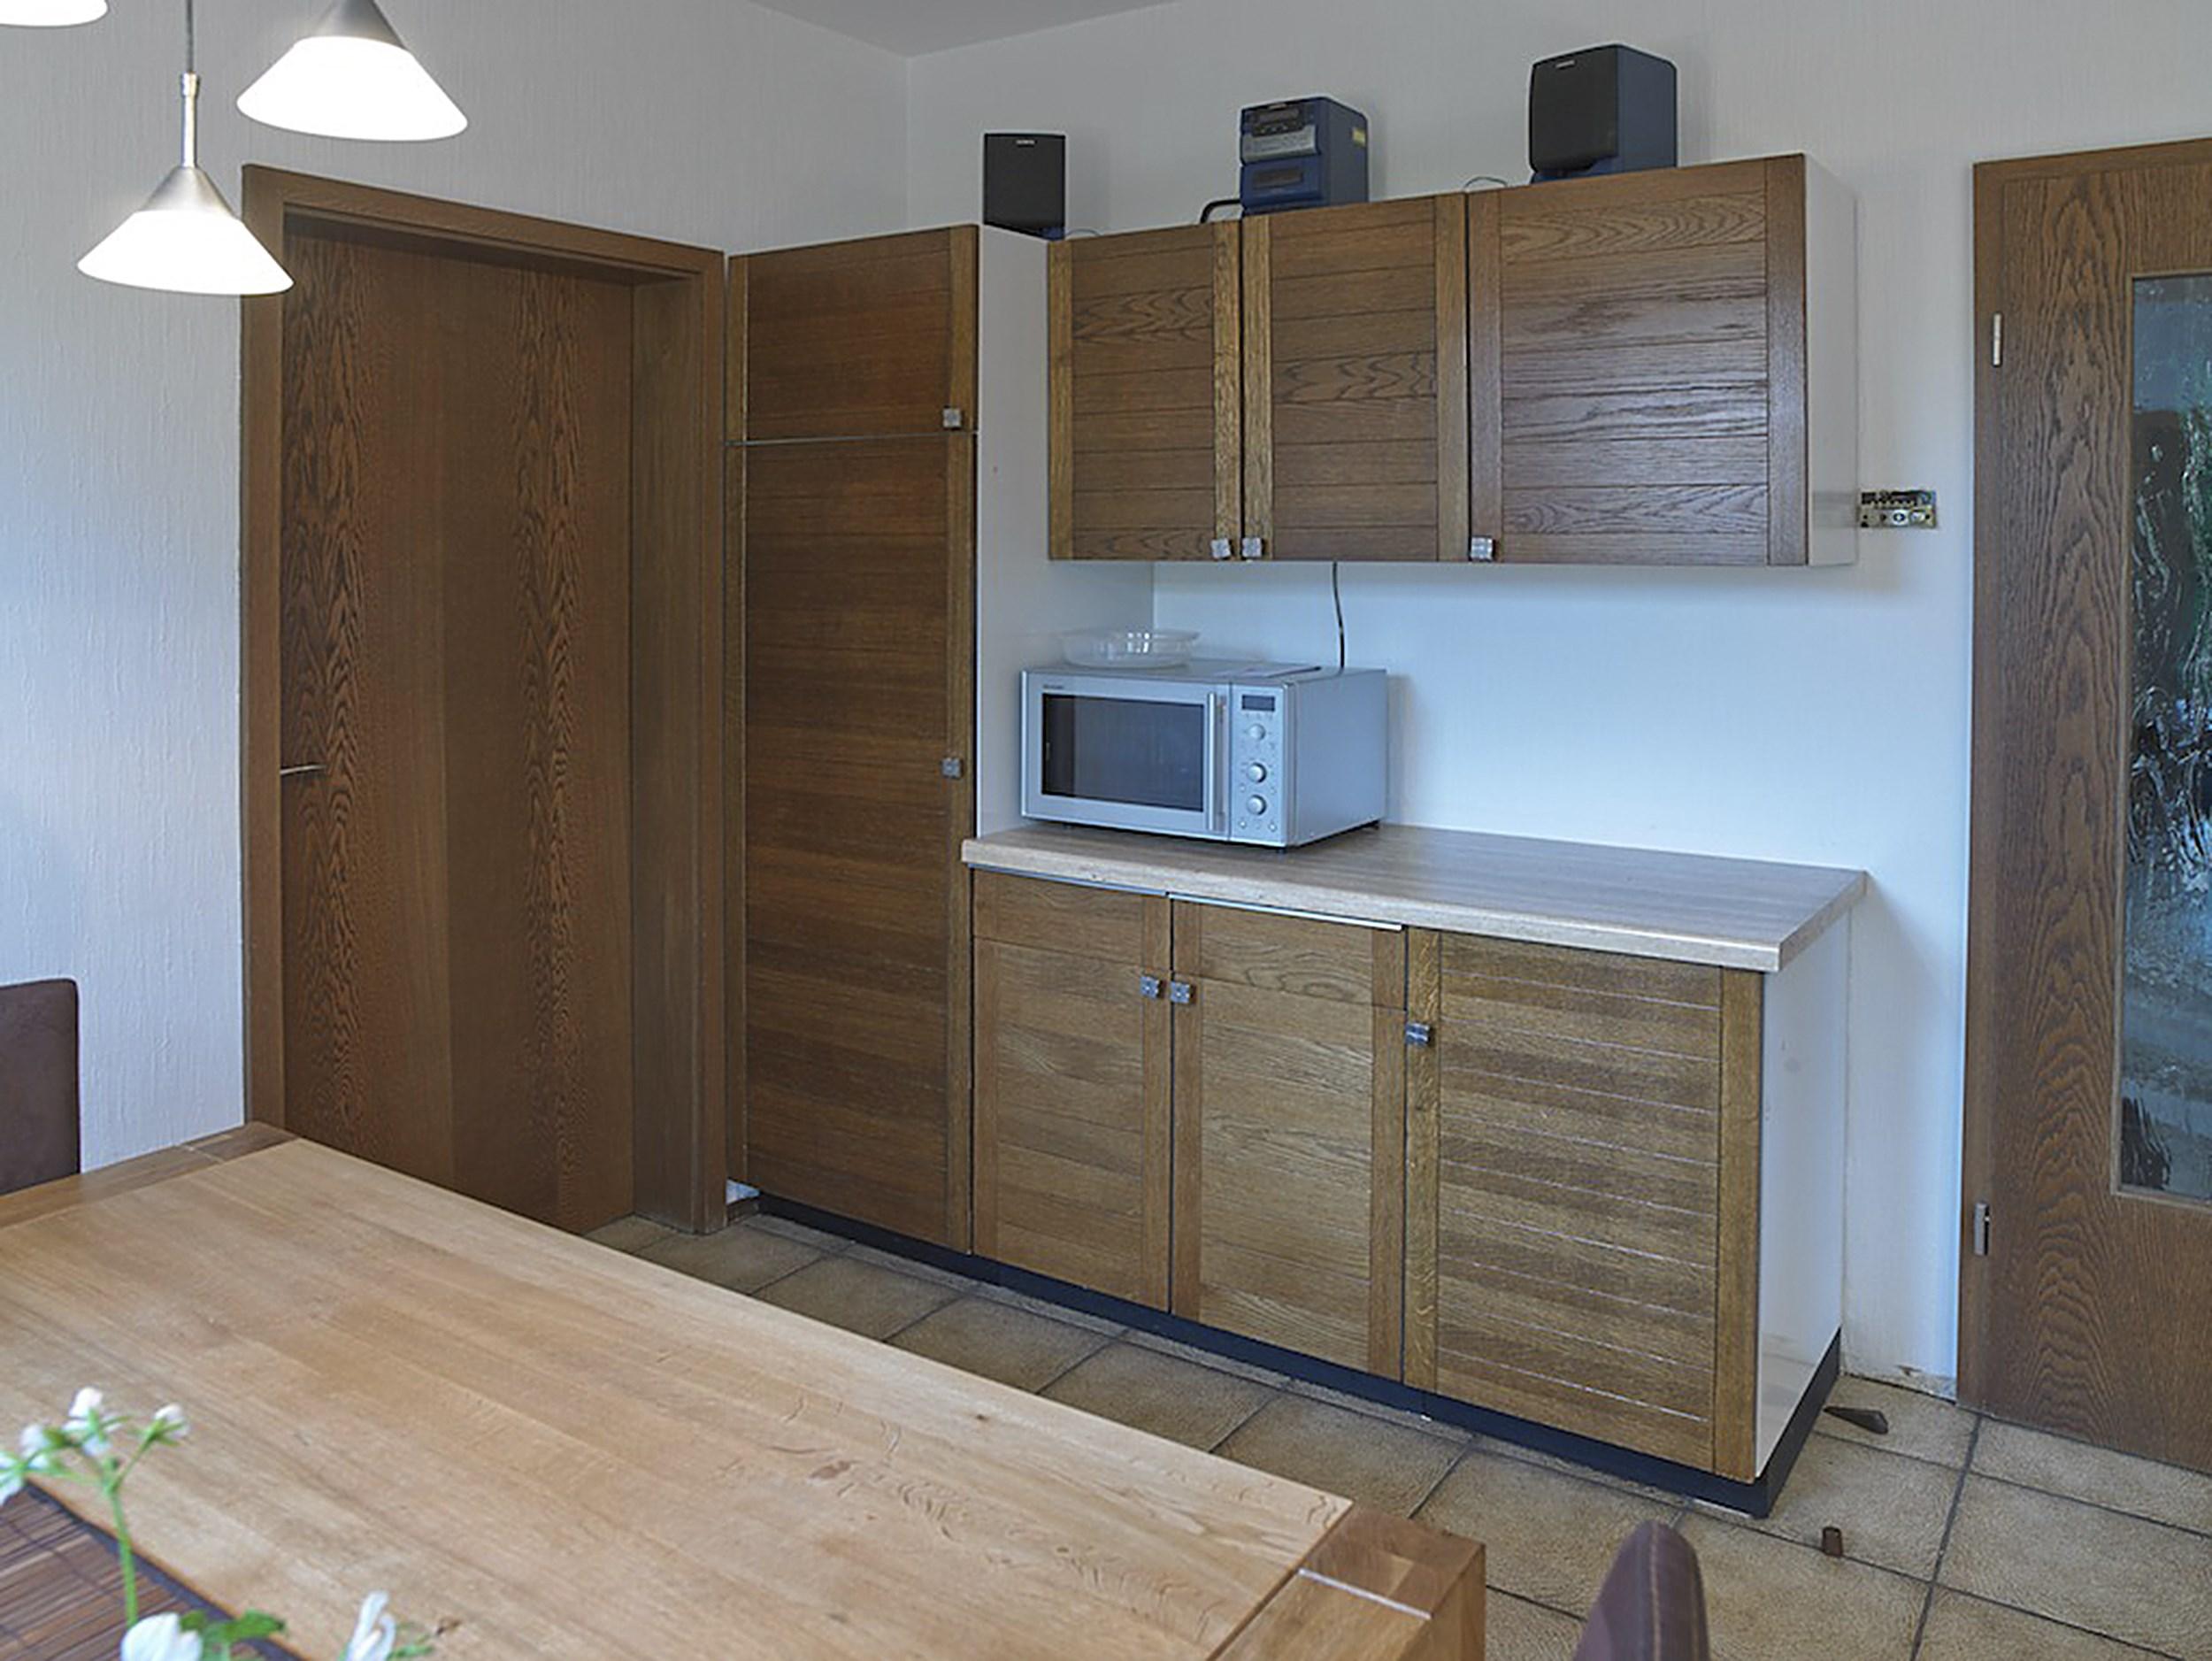 Kundenbeispiele Küchenrenovierung U2013 PORTAS Schweiz Renovierung